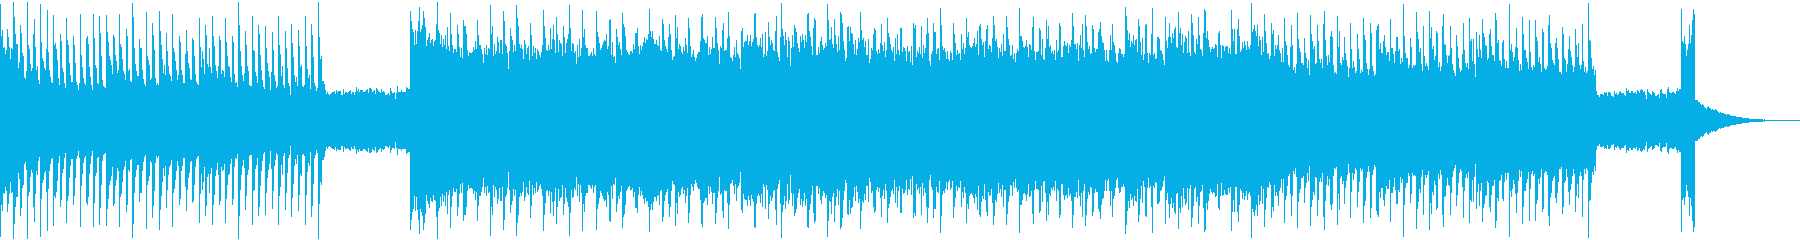 入場・エモい・ロックの再生済みの波形